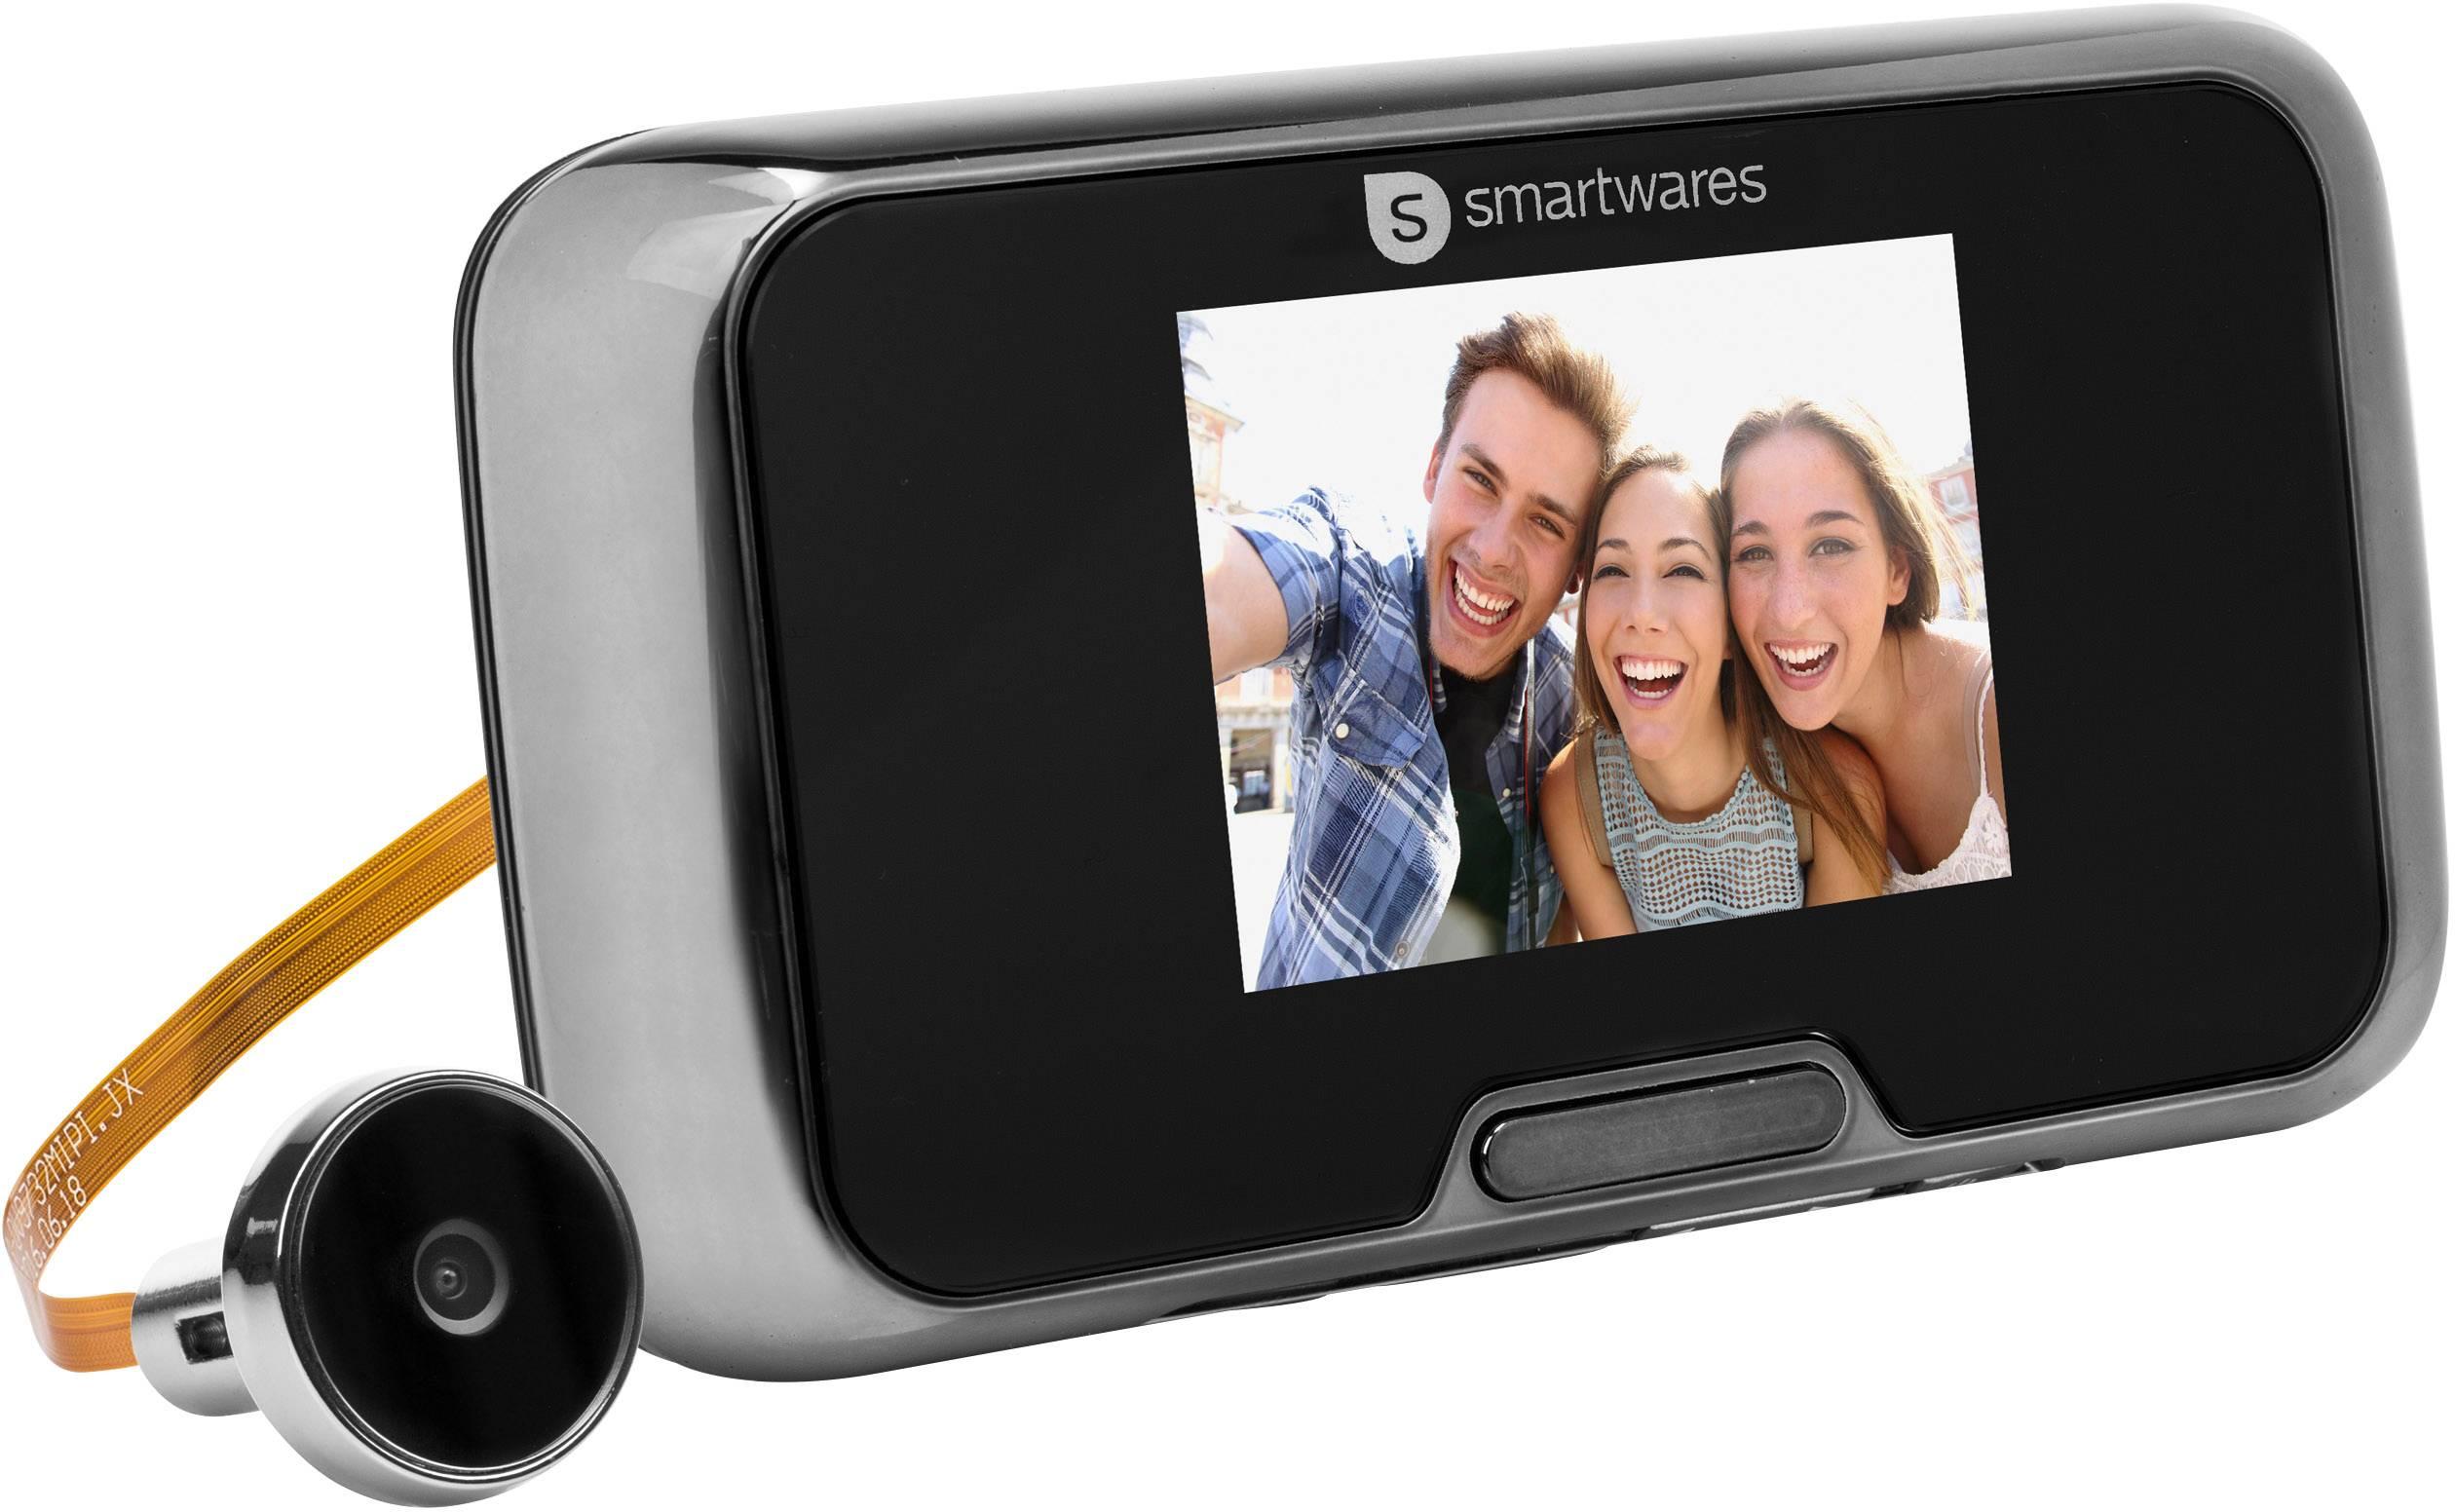 Beliebt Smartwares VD27 10.018.27 Digitaler Türspion mit LCD-Display 7.1 XQ72